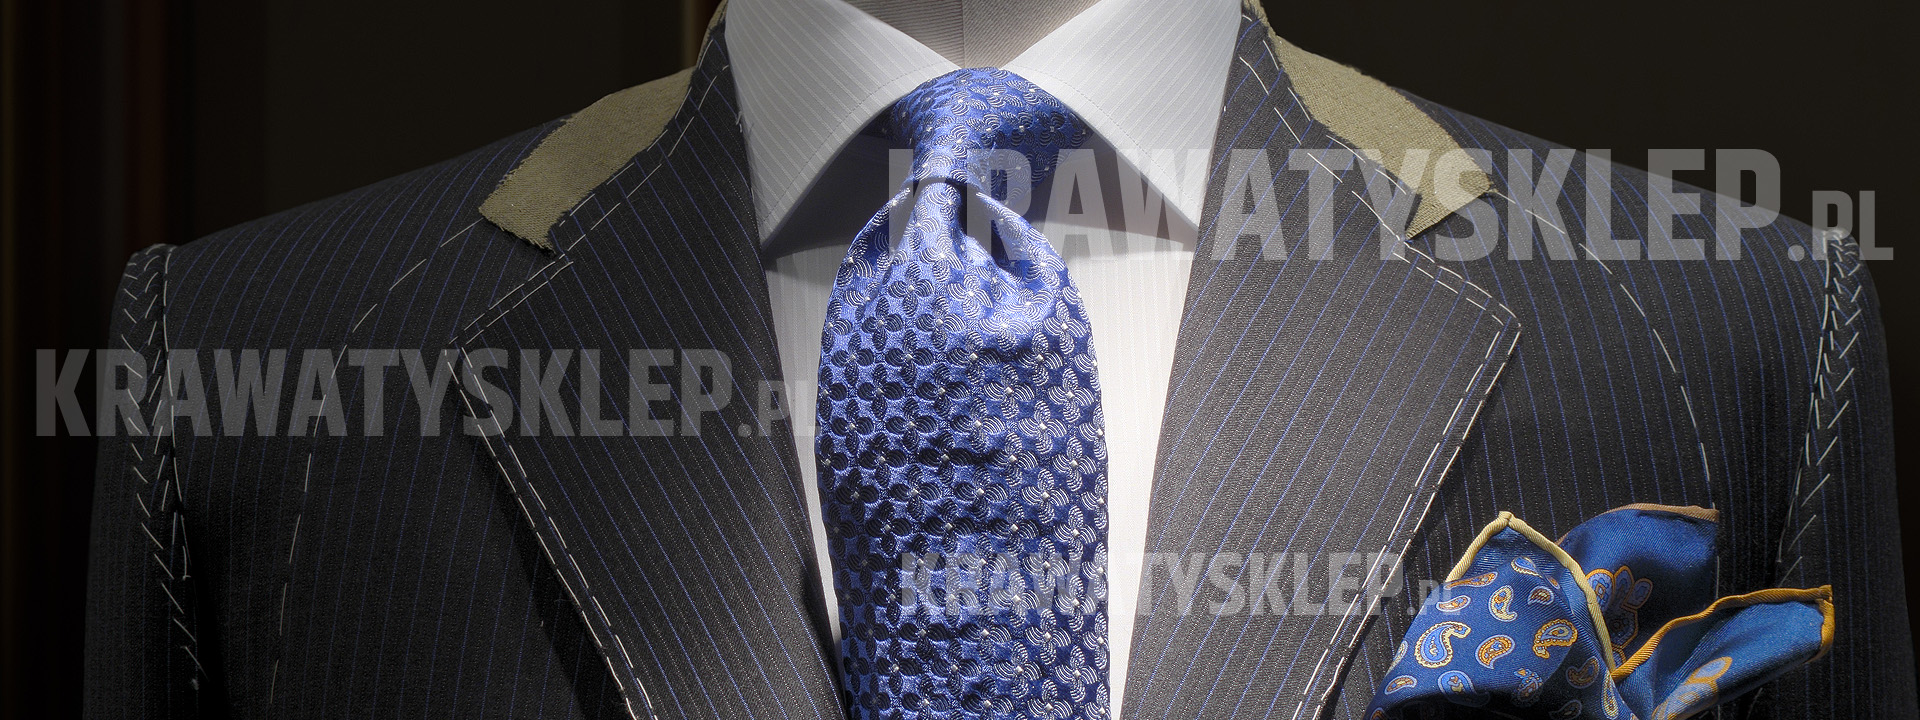 Stylizacje i wzory Krawatów